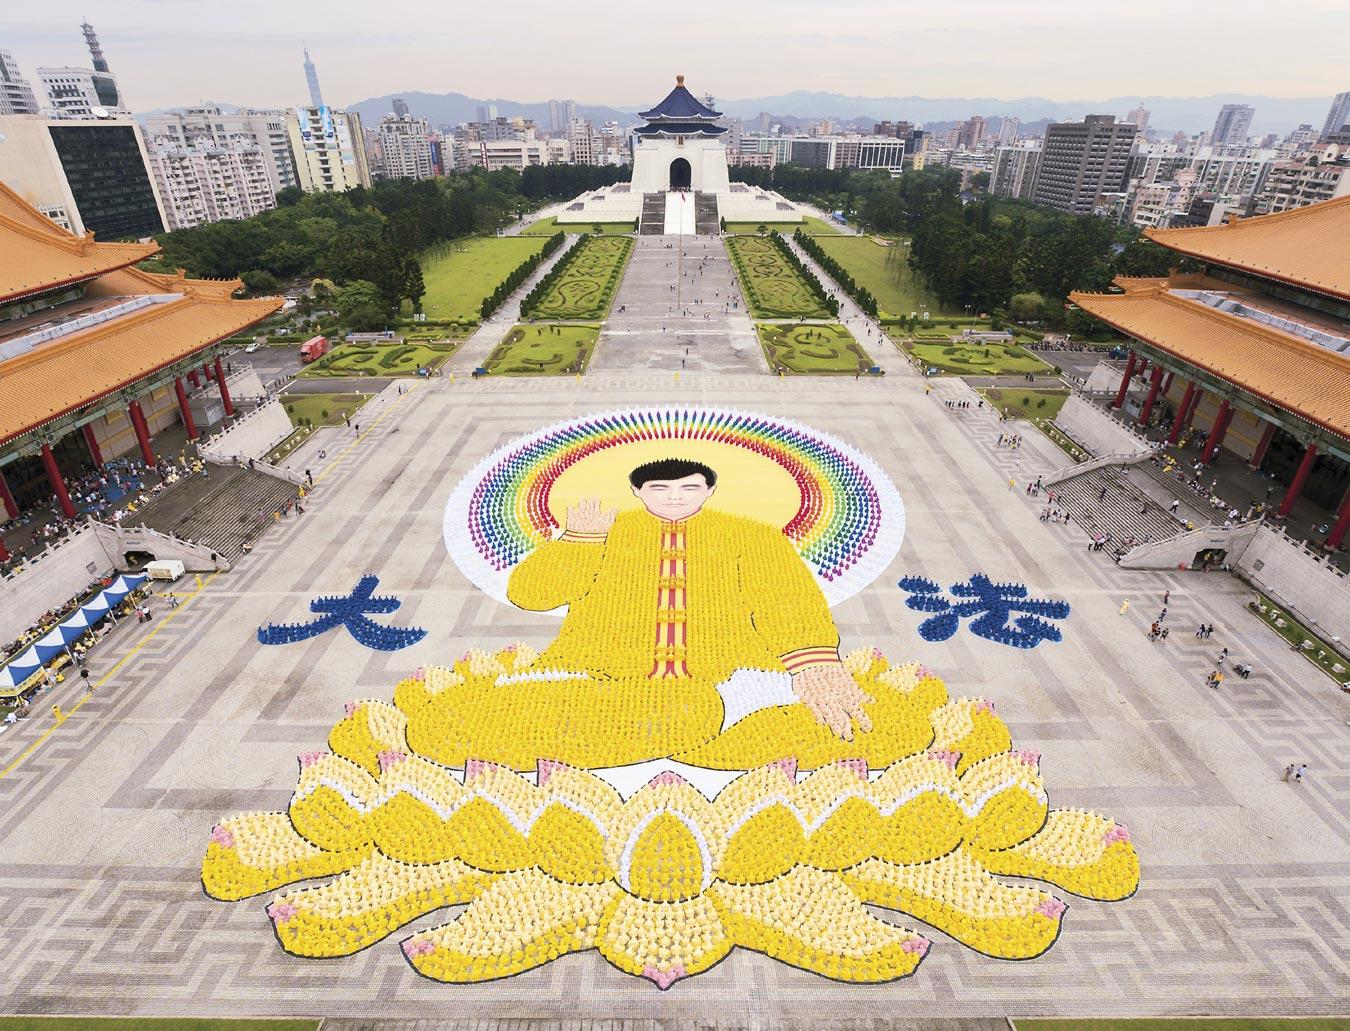 2012年4月29日,七千四百名法轮功学员在台北自由广场,排出李洪志师父法像图形,宏伟壮观